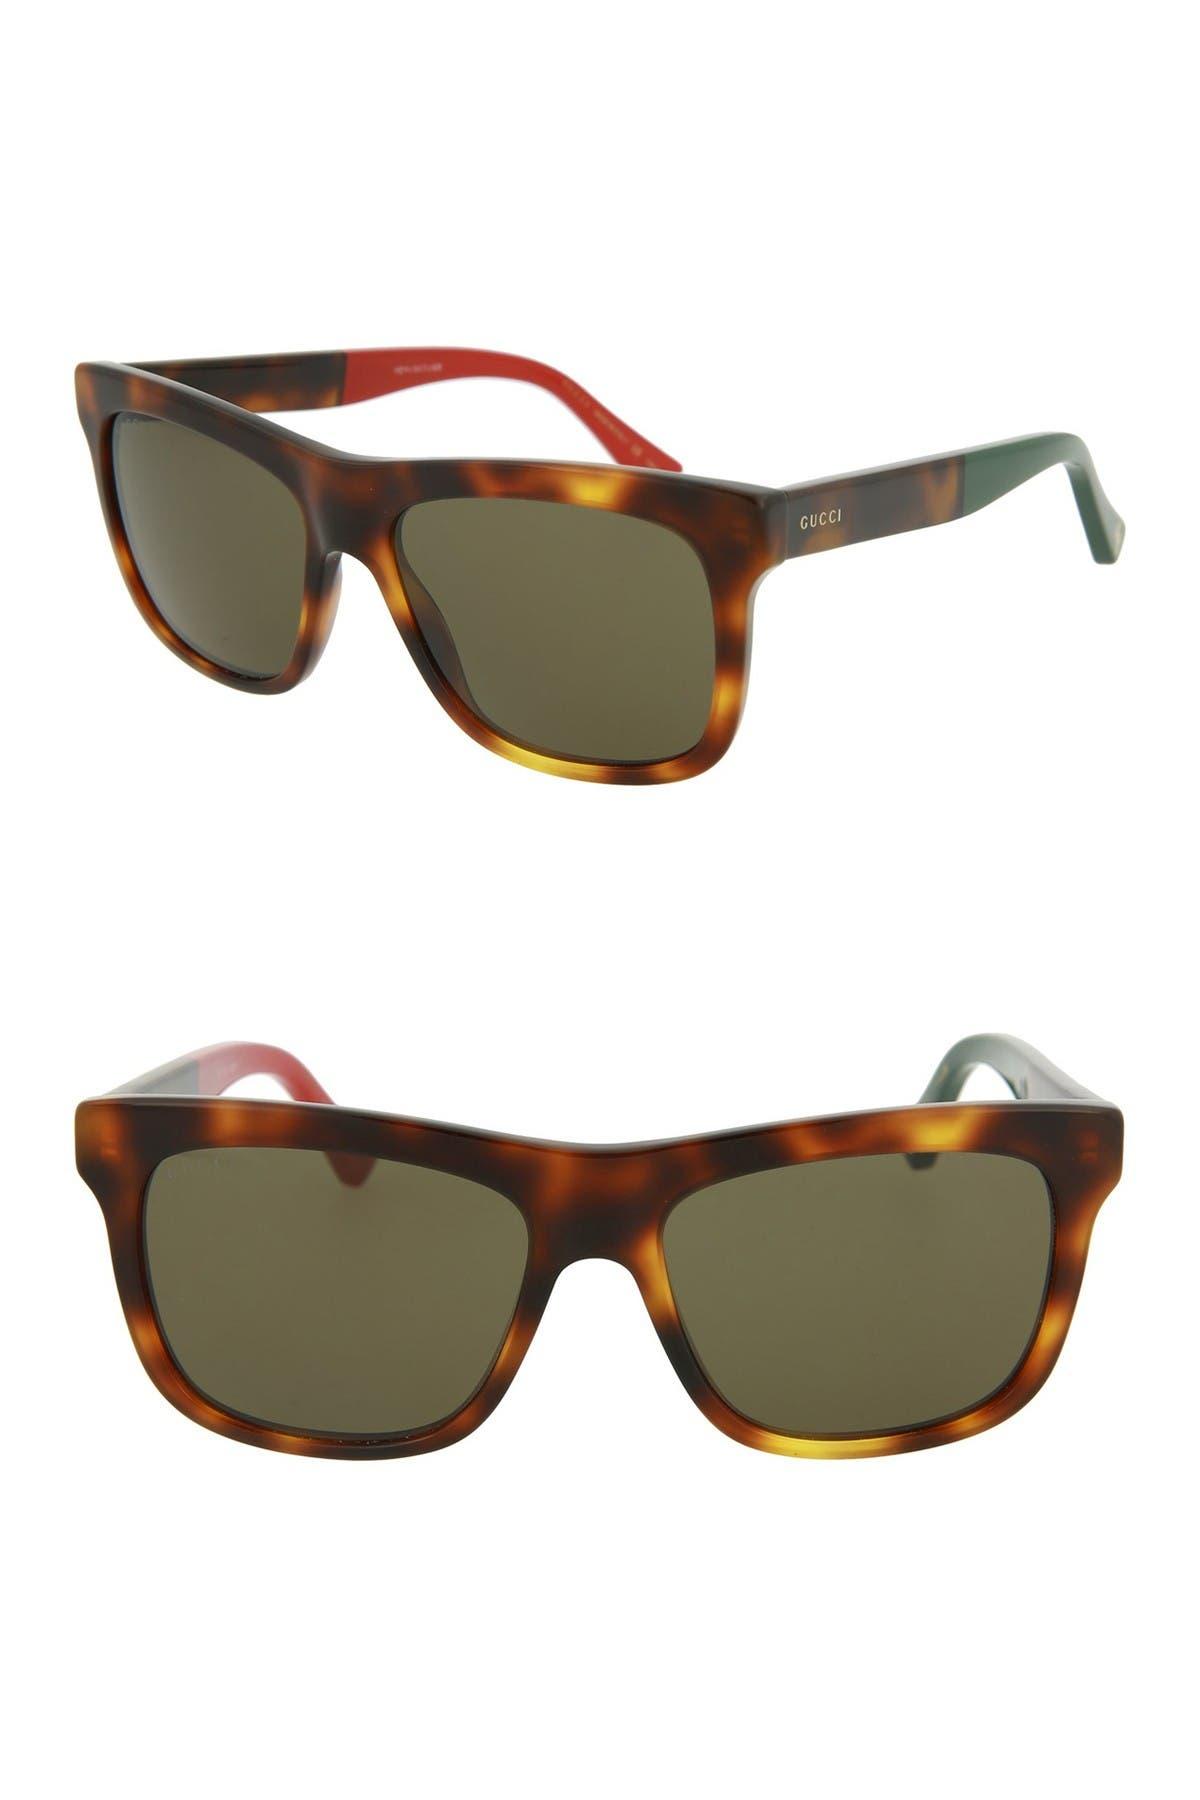 Image of GUCCI 54mm Square Sunglasses